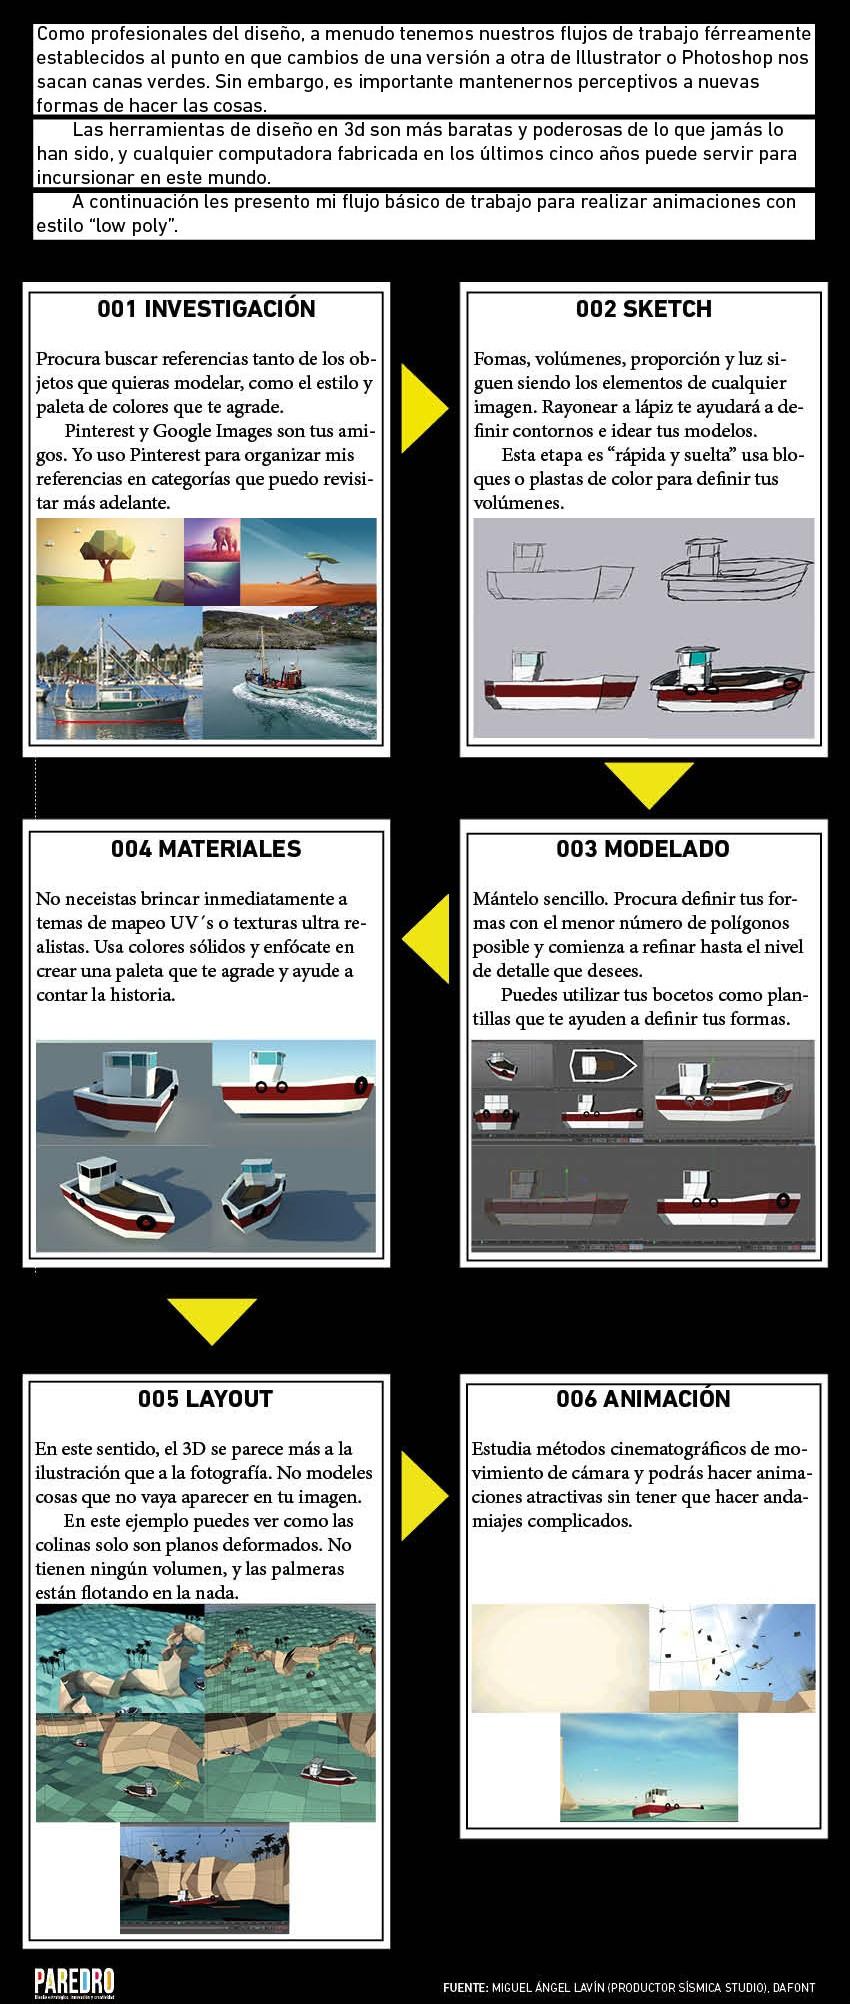 info_proceso_creativo_2-01